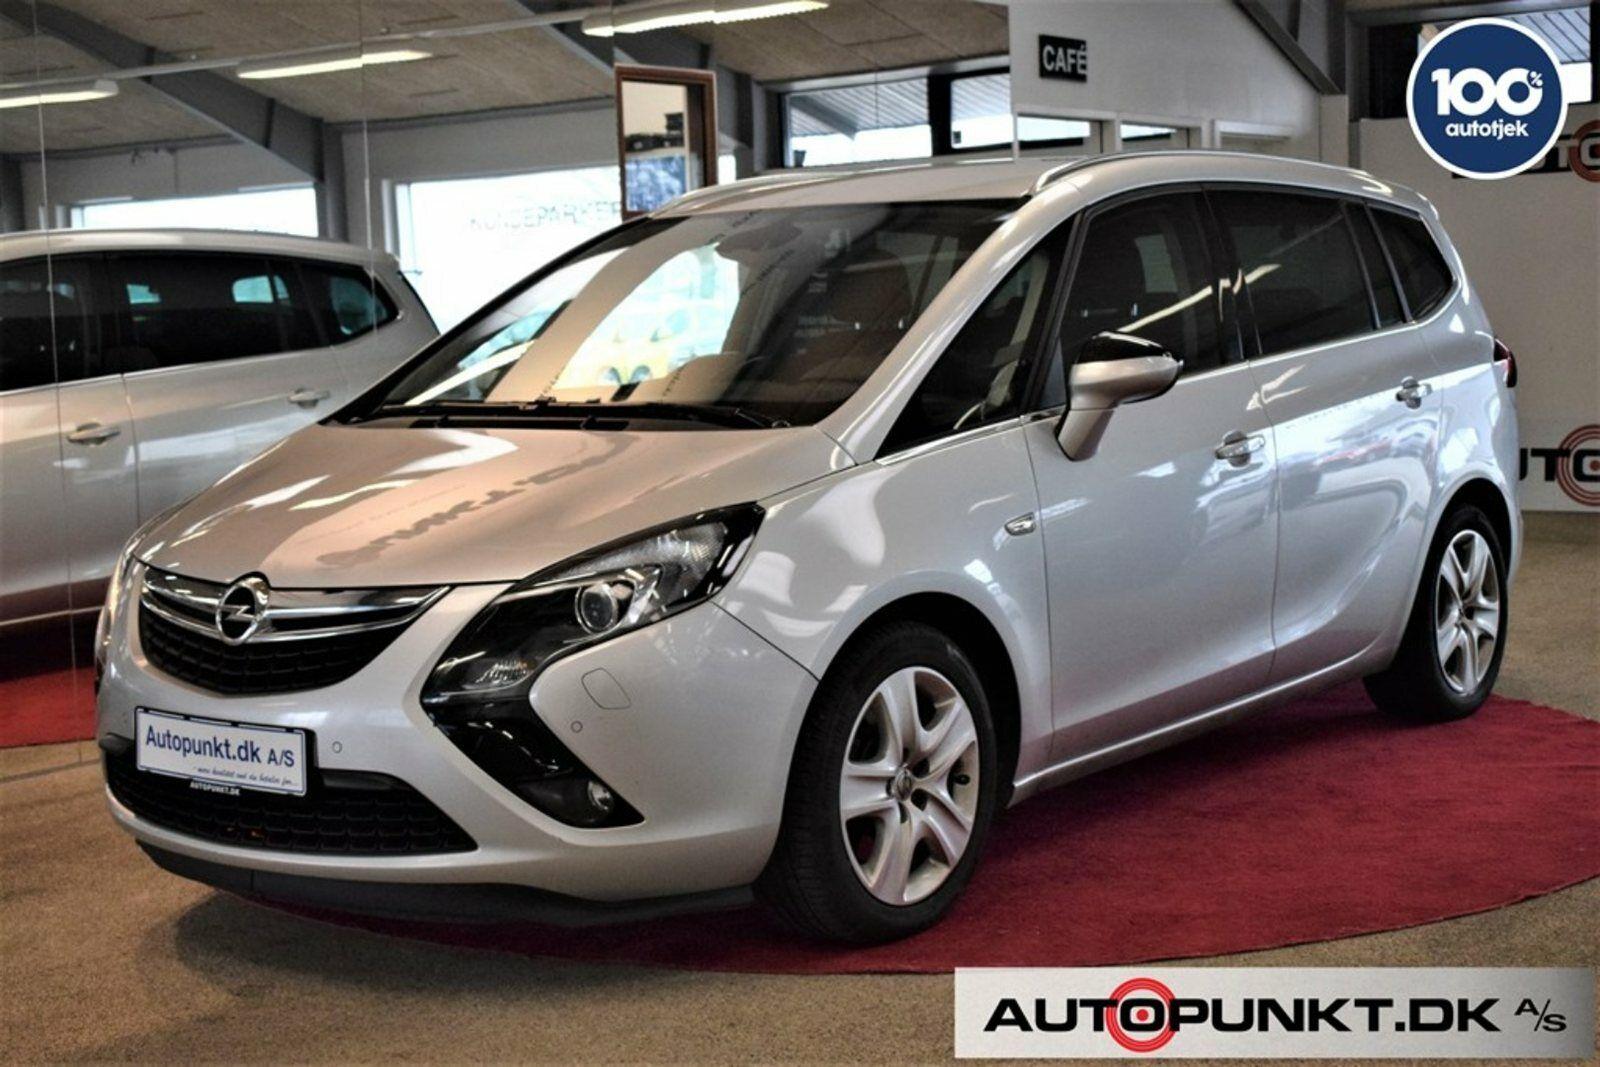 Opel Zafira Tourer 2,0 CDTi 170 Enjoy aut. 5d - 159.700 kr.